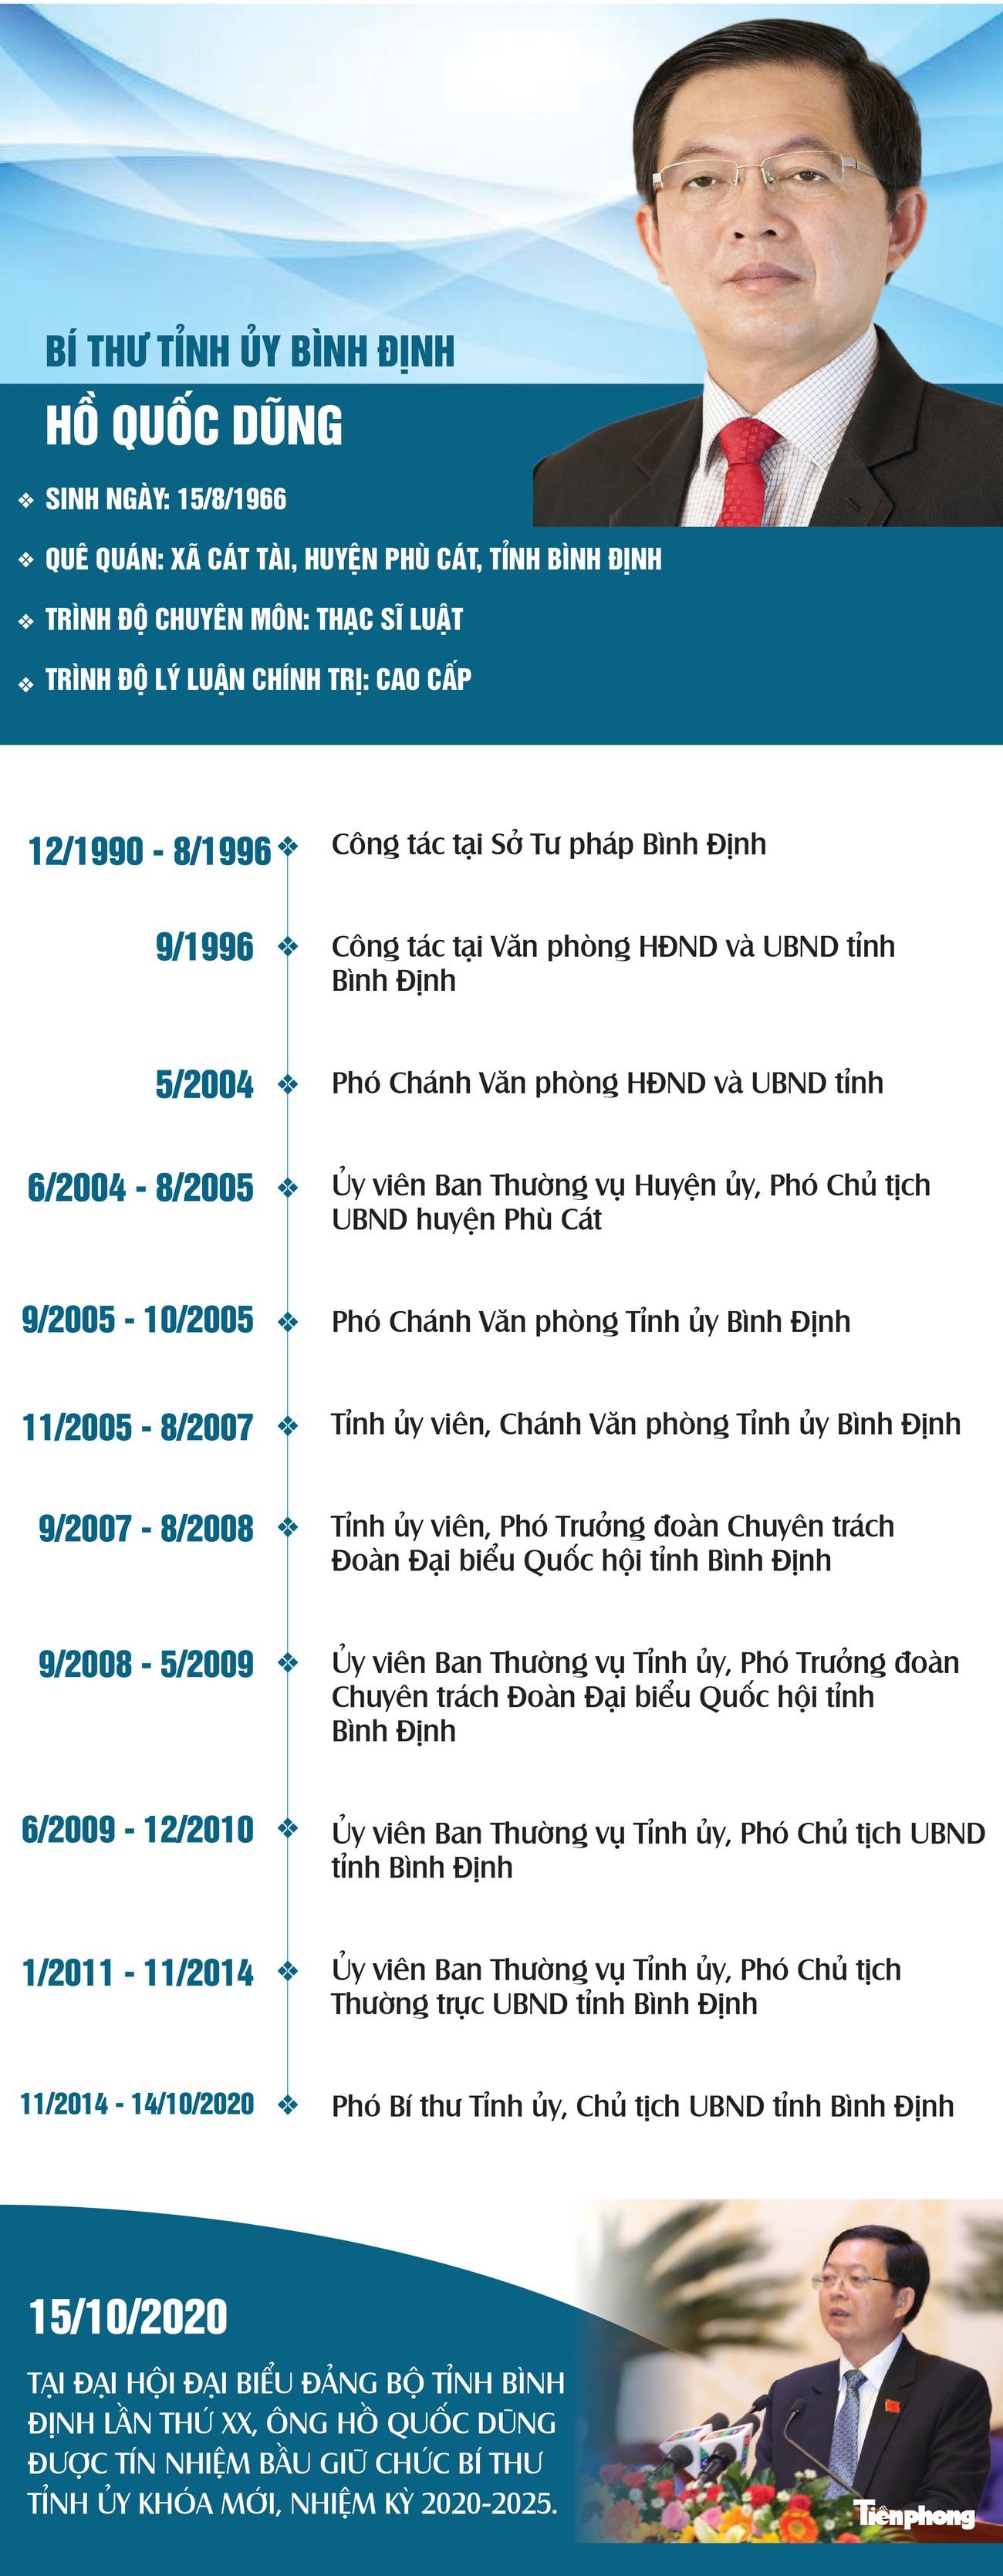 Bí thư Tỉnh ủy Bình Định Hồ Quốc Dũng ảnh 1